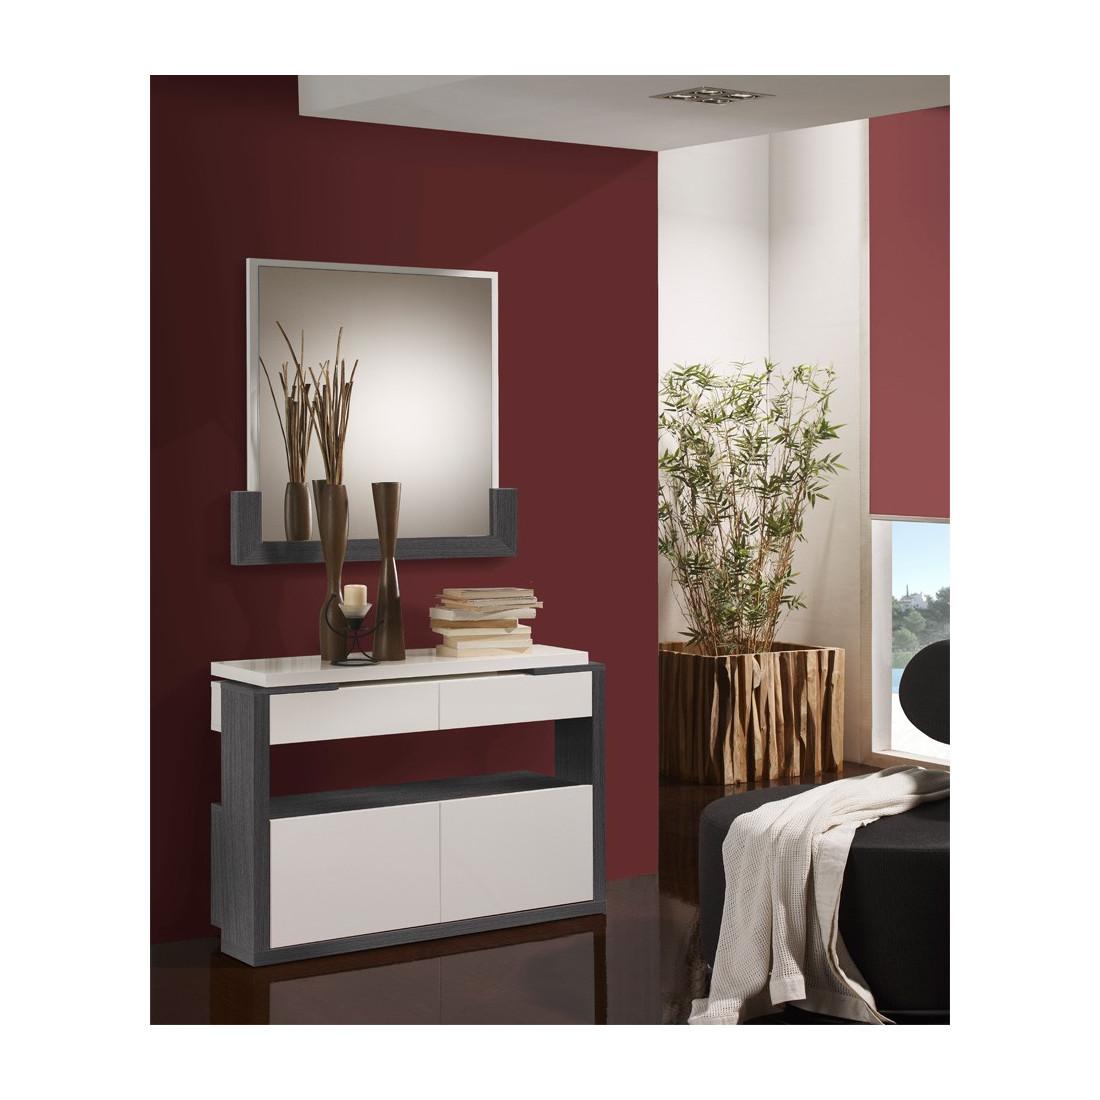 meuble d 39 entr e blanc cendre miroir jungo univers petits meubles. Black Bedroom Furniture Sets. Home Design Ideas